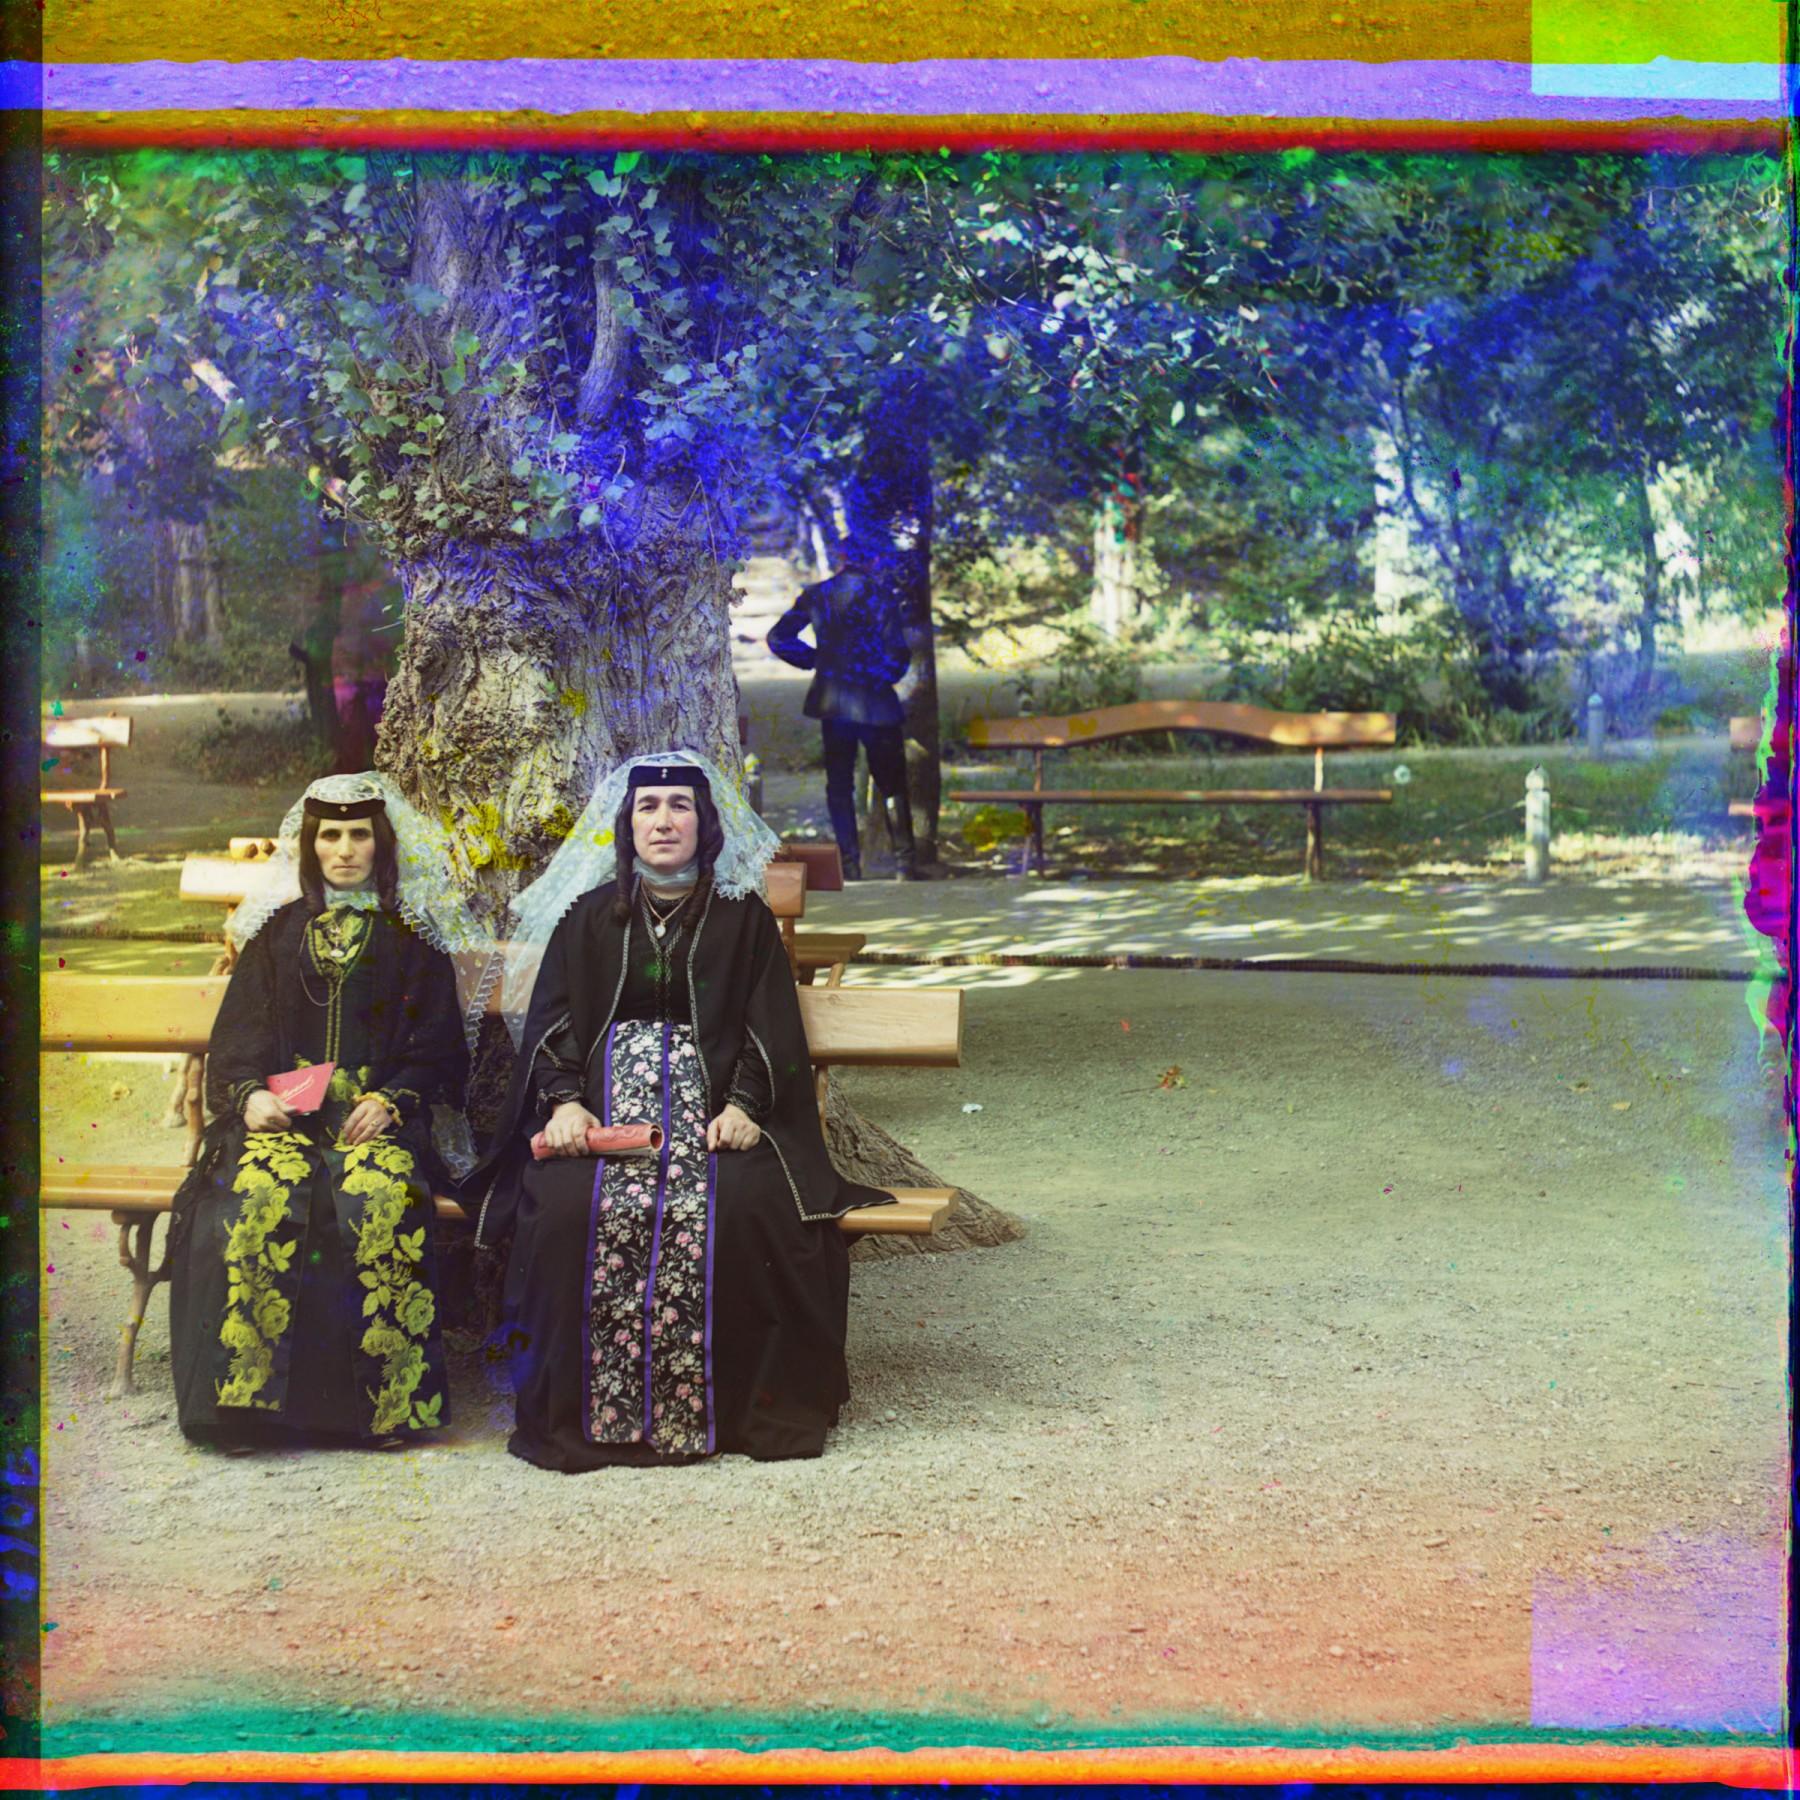 _0013_Prokudin-Gorskii_0013.png